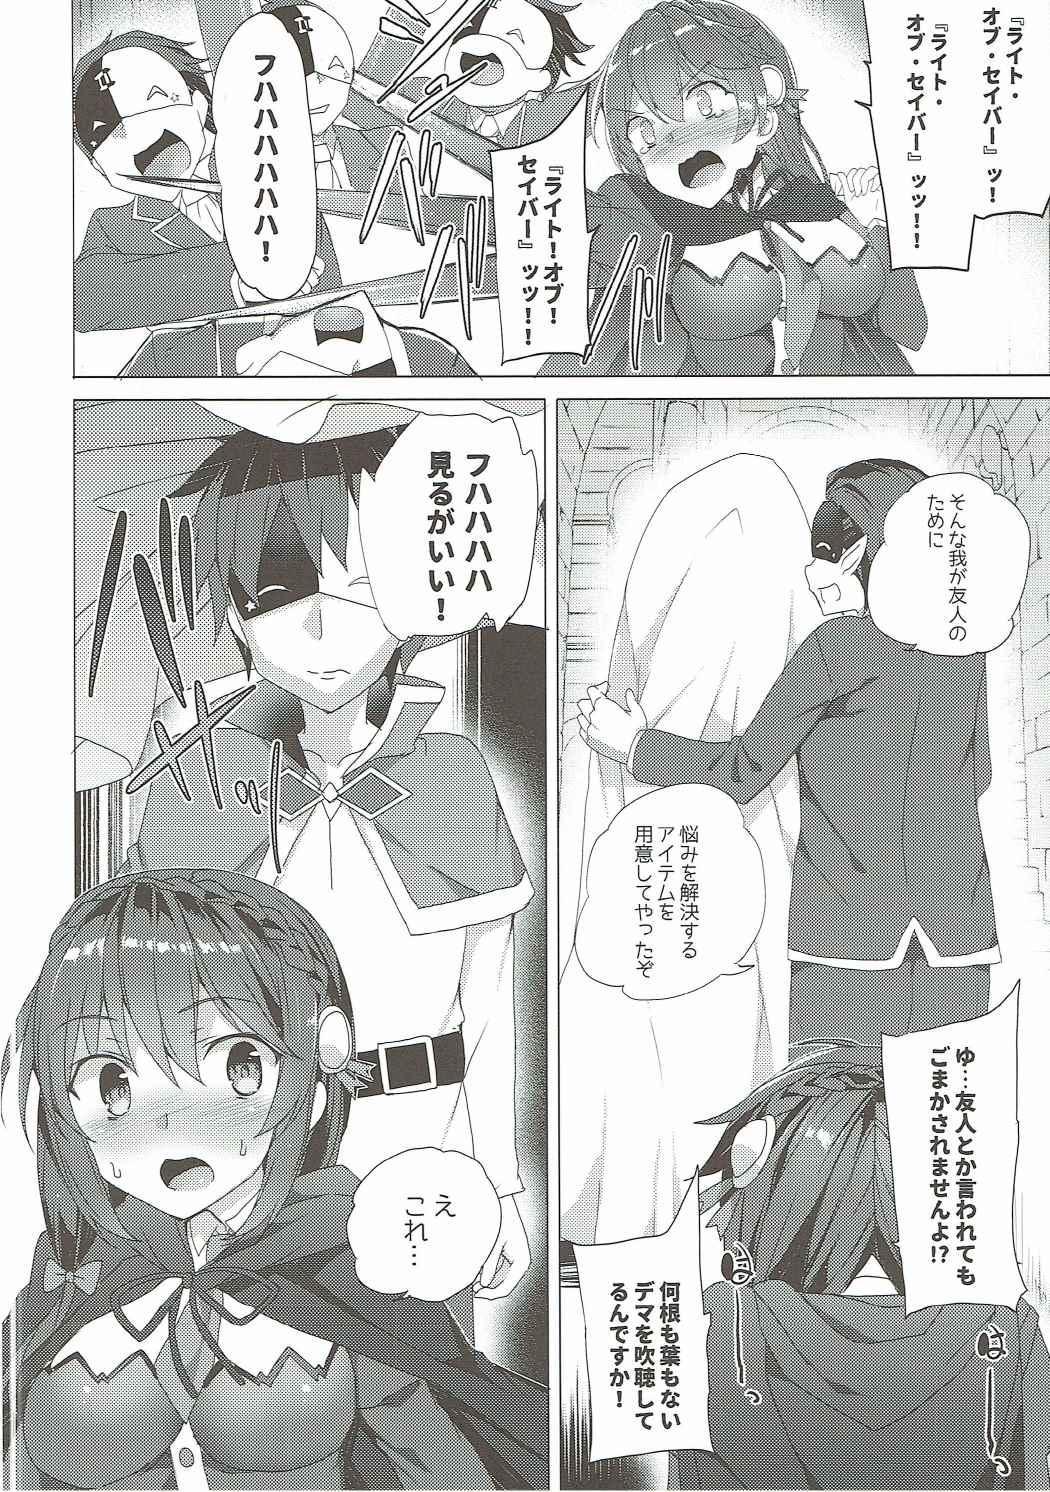 Kono Subarashii Kouma no Musume-tachi to 3P o! 6